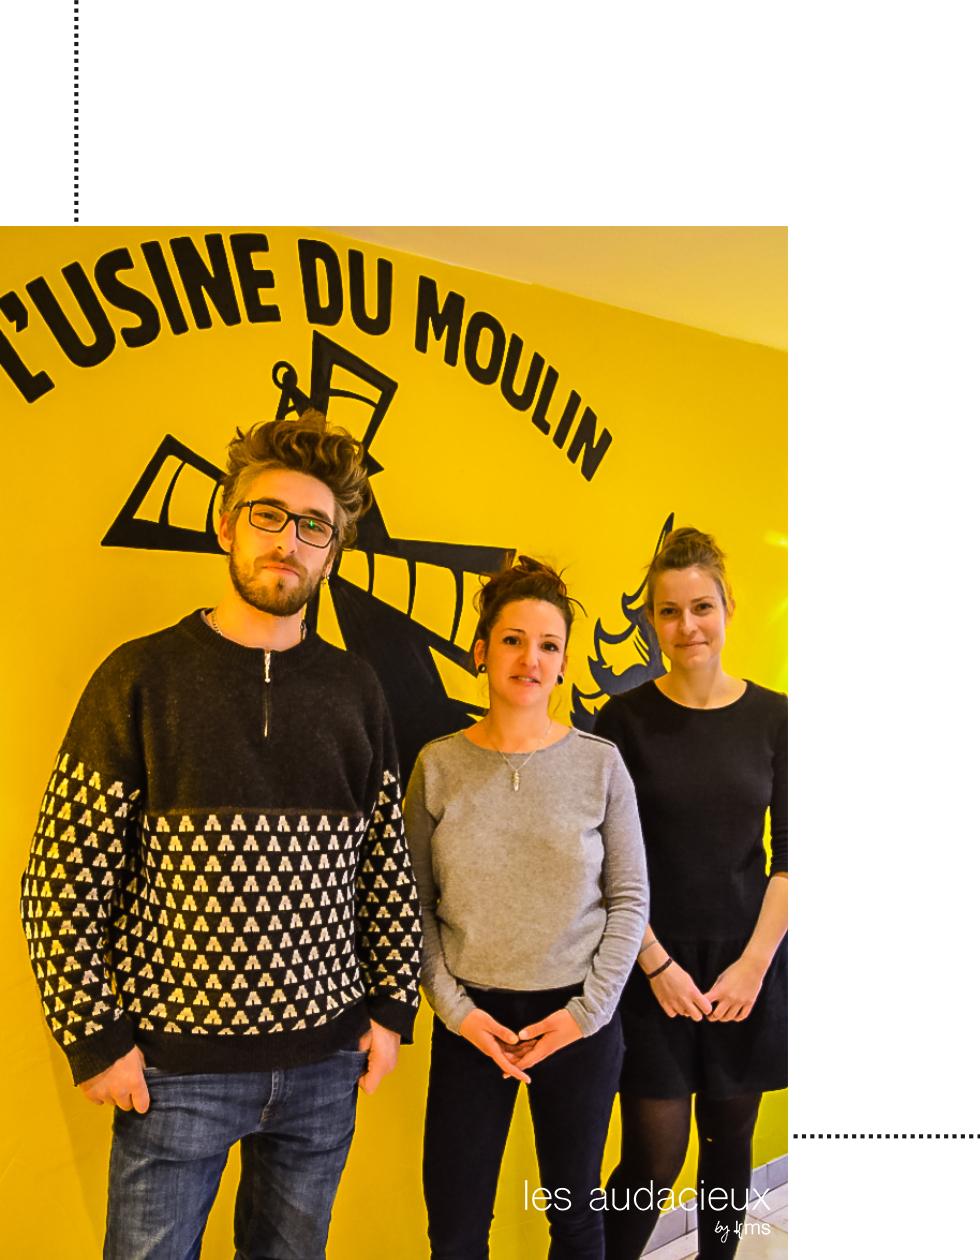 porteur du projet Usine du Moulin ©kmscommunication pour les Audacieux